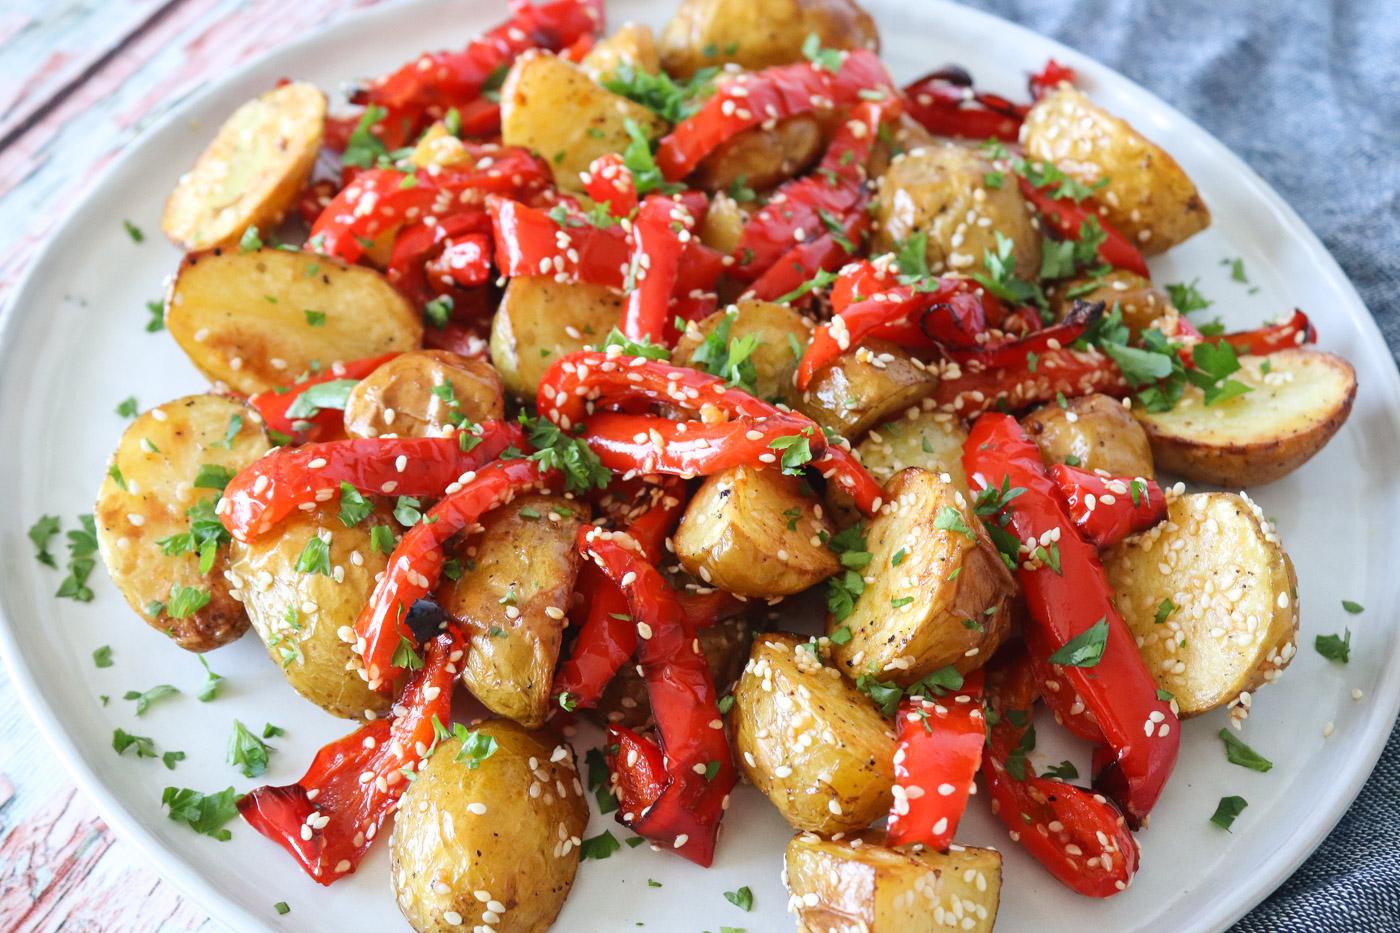 Bagte Nye Kartofler Med Bagt Peberfrugt, Sesam Og Persille